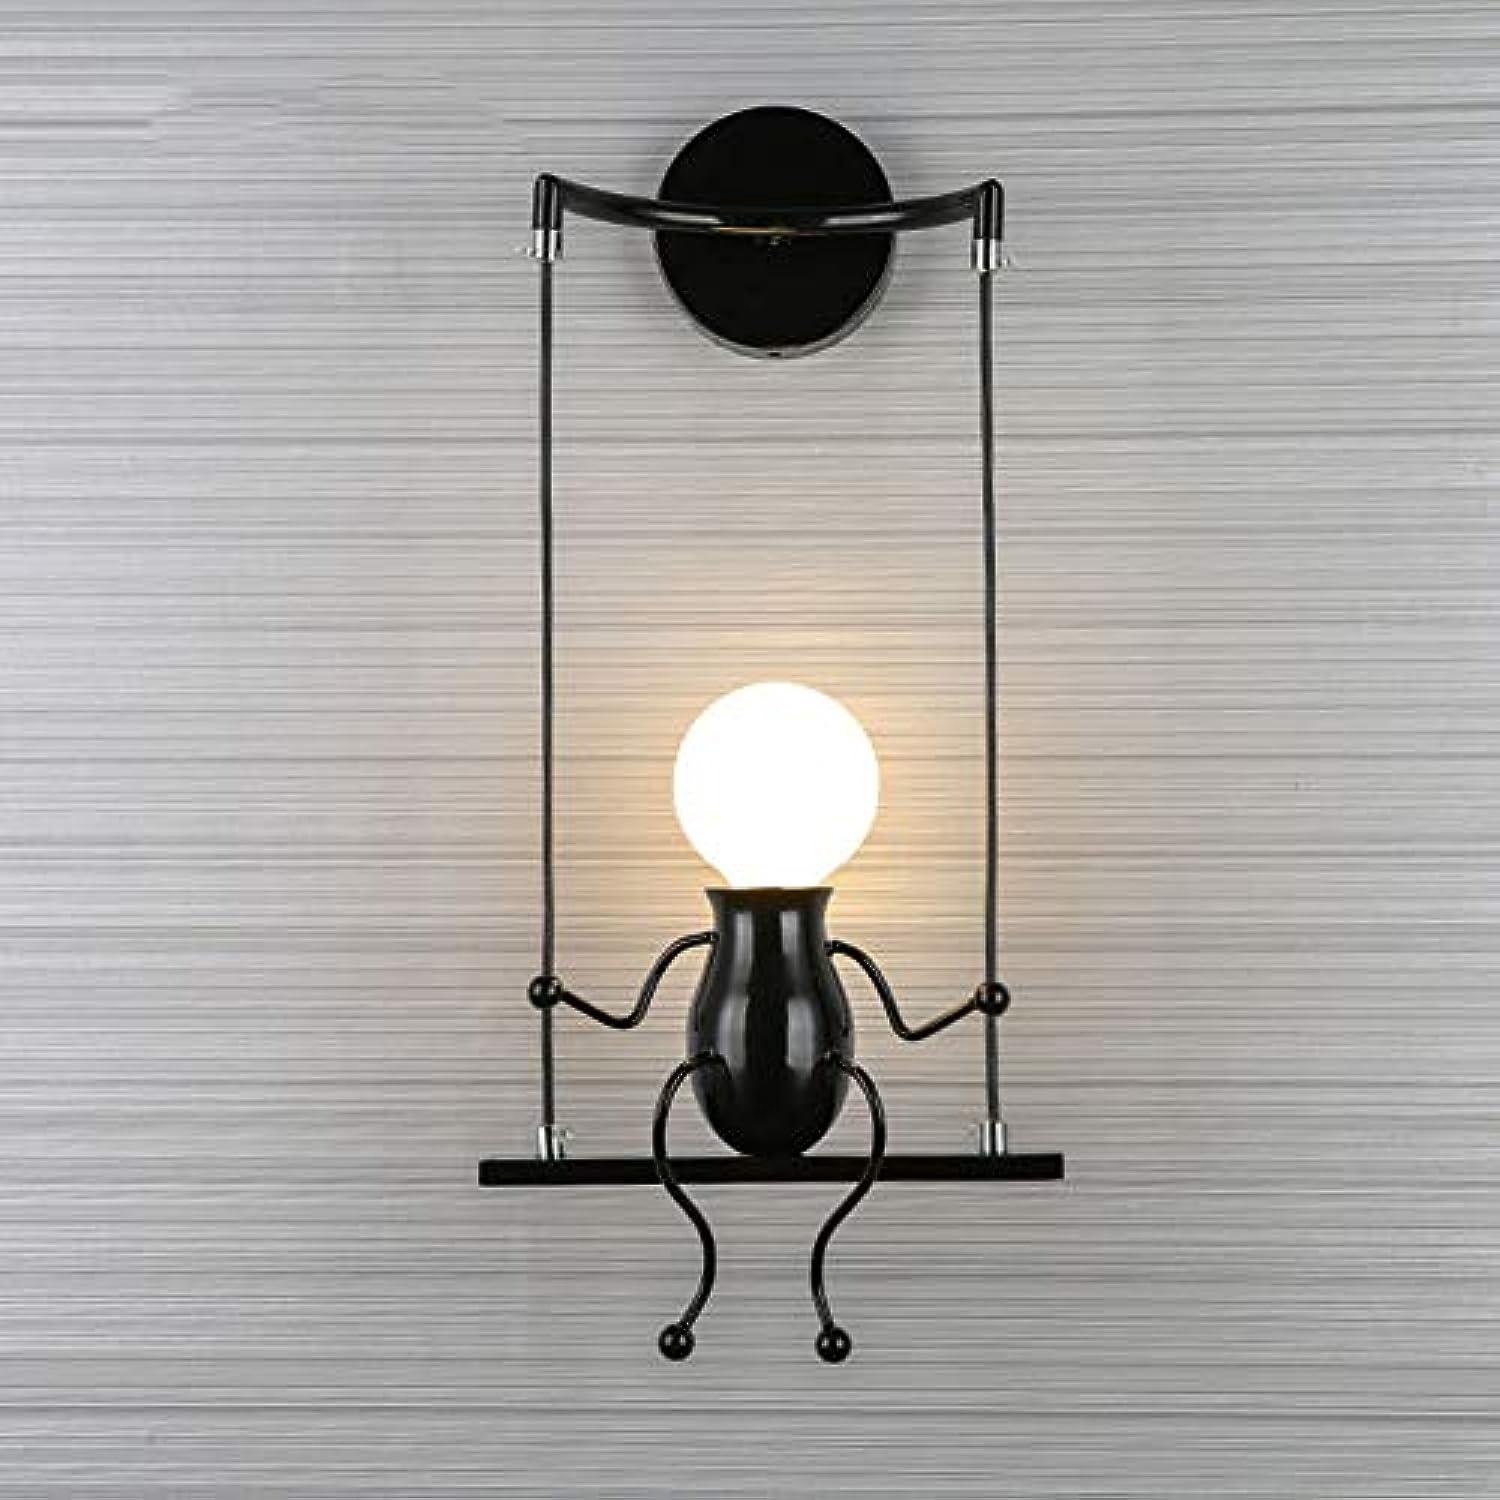 PoJu Wandleuchte Creative Wandleuchte Einfache Wohnzimmer Single Head und Doppelkopf Dekorative Leuchten Moderne Schlafzimmer Nachttischlampe Korridor Licht Gang Beleuchtung Treppe Schmiedeeisen Lampe